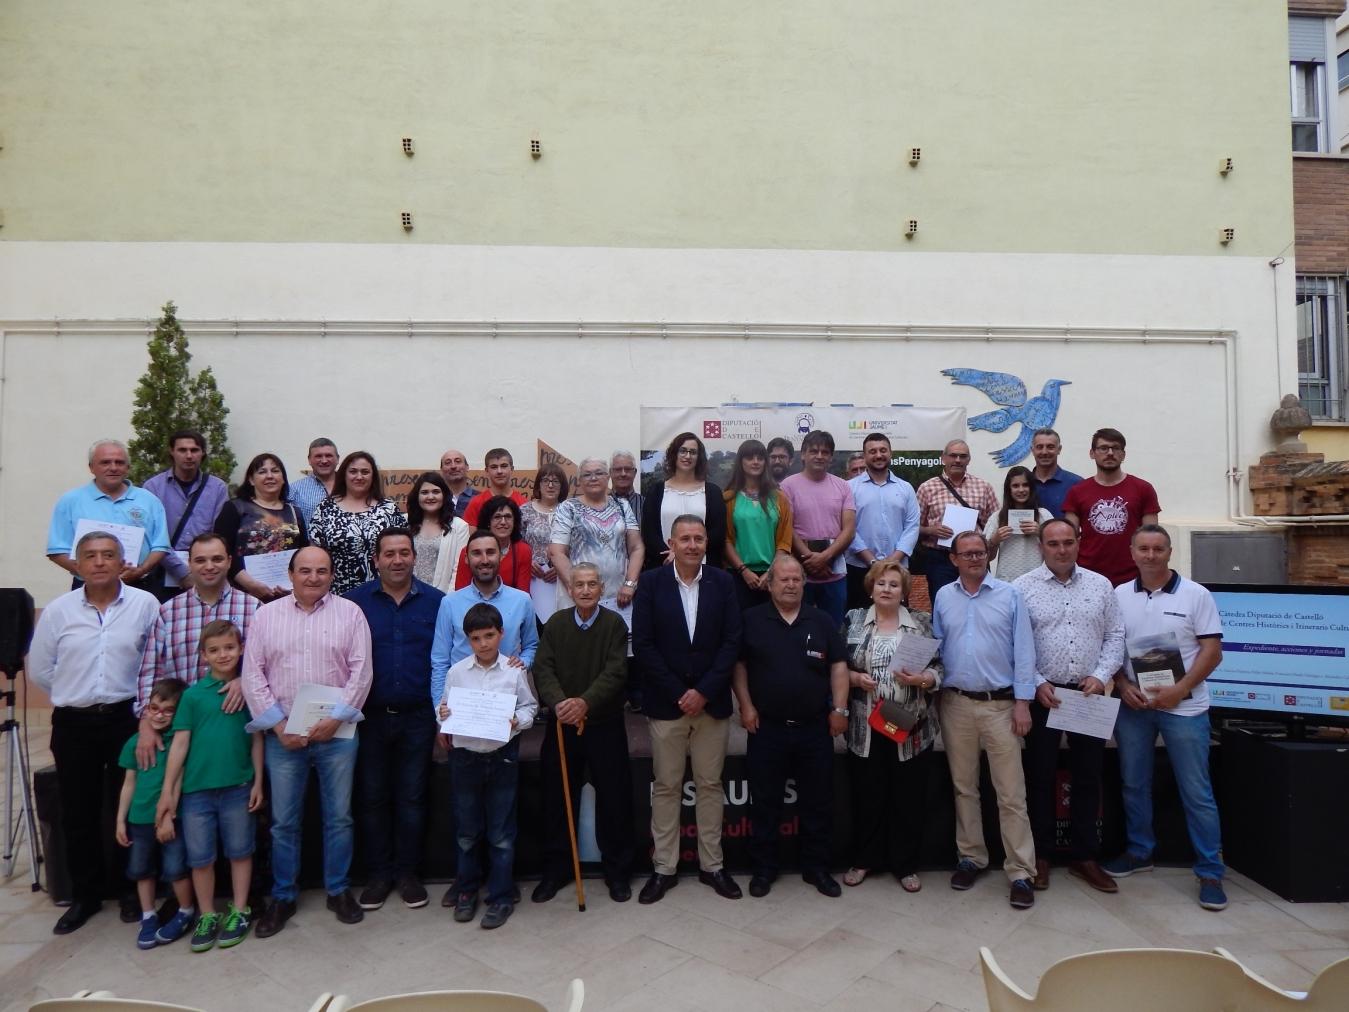 La Diputación ensalza el papel de voluntarios y colaboradores de Camins de Penyagolosa